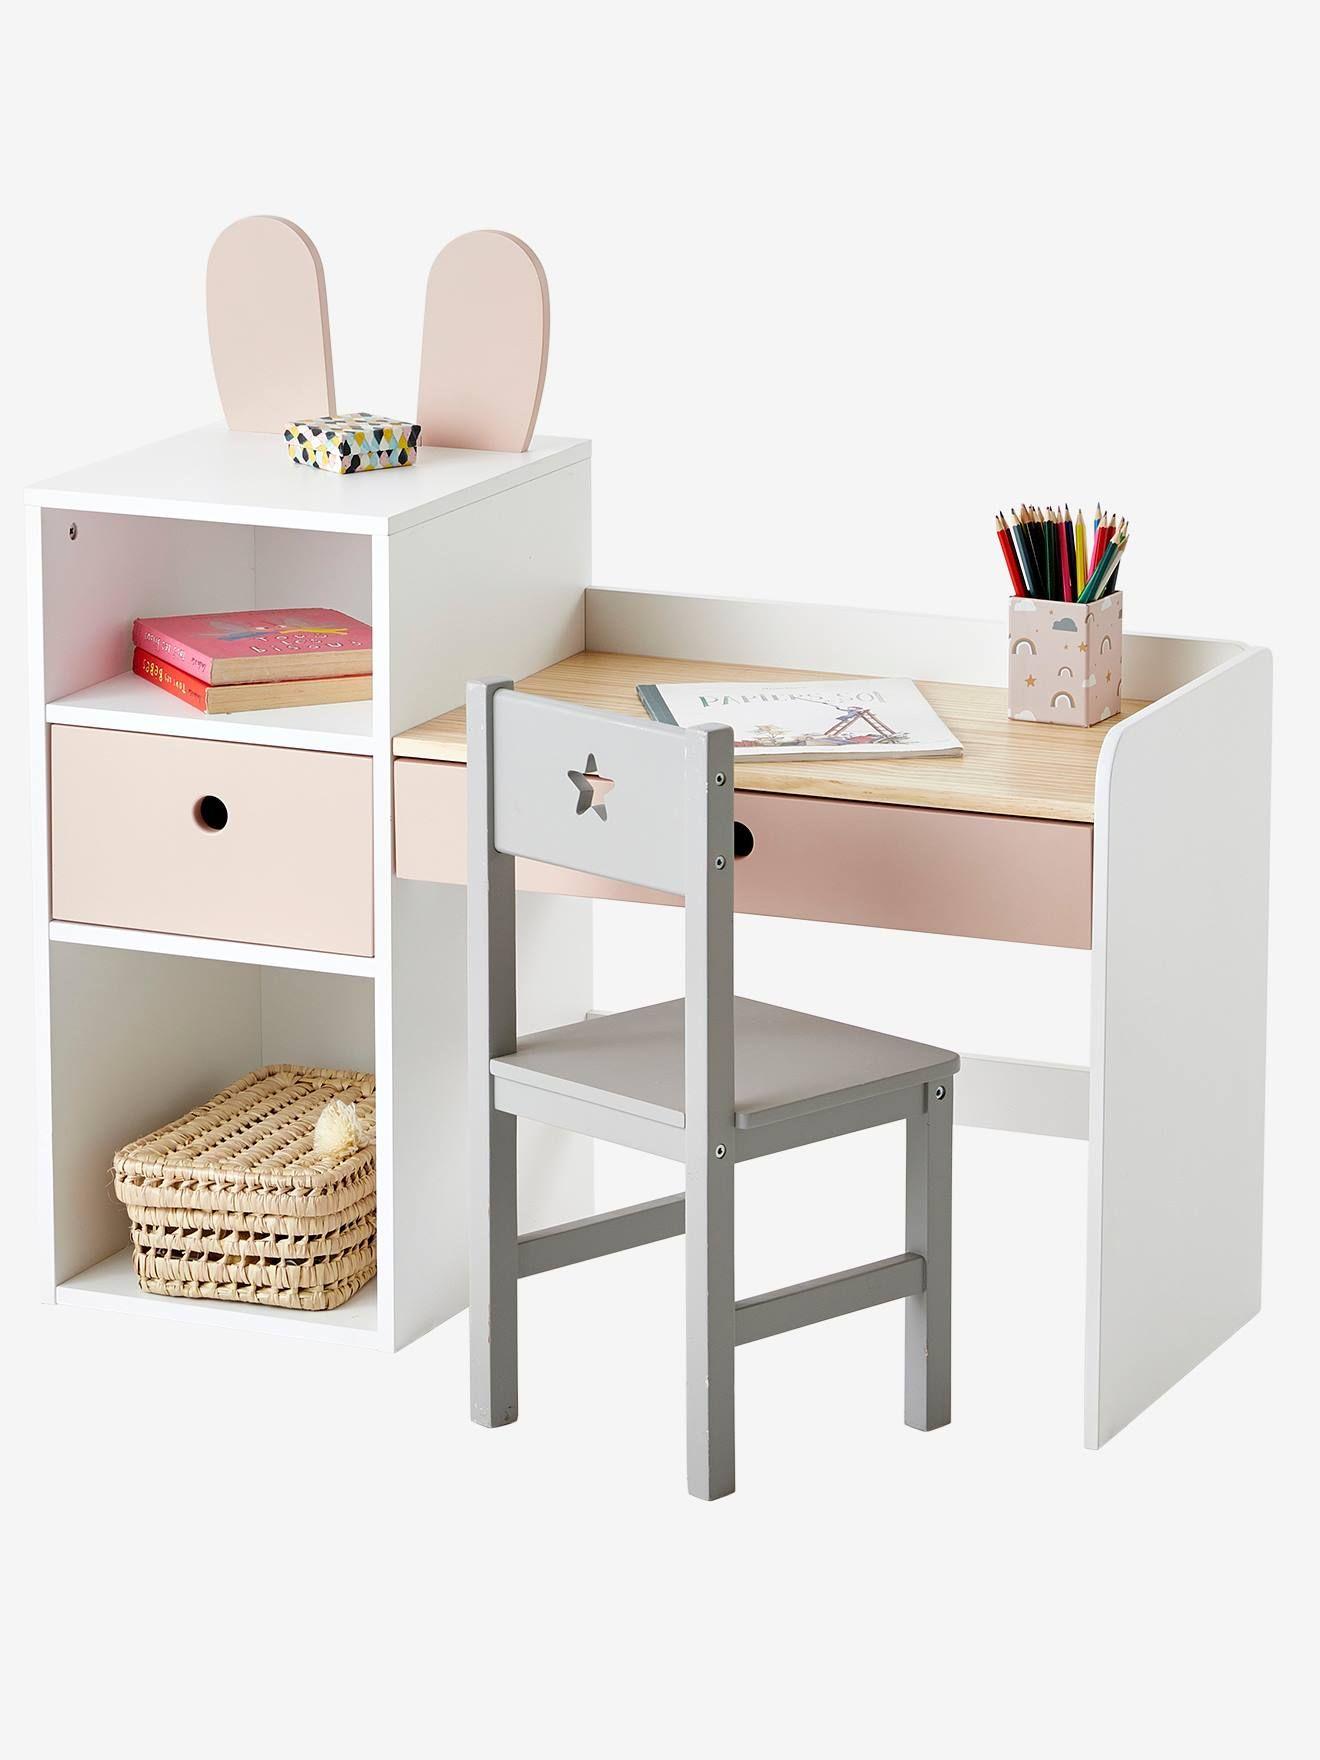 Bureau Maternelle Bunny Small Study Table Room Decor Study Table